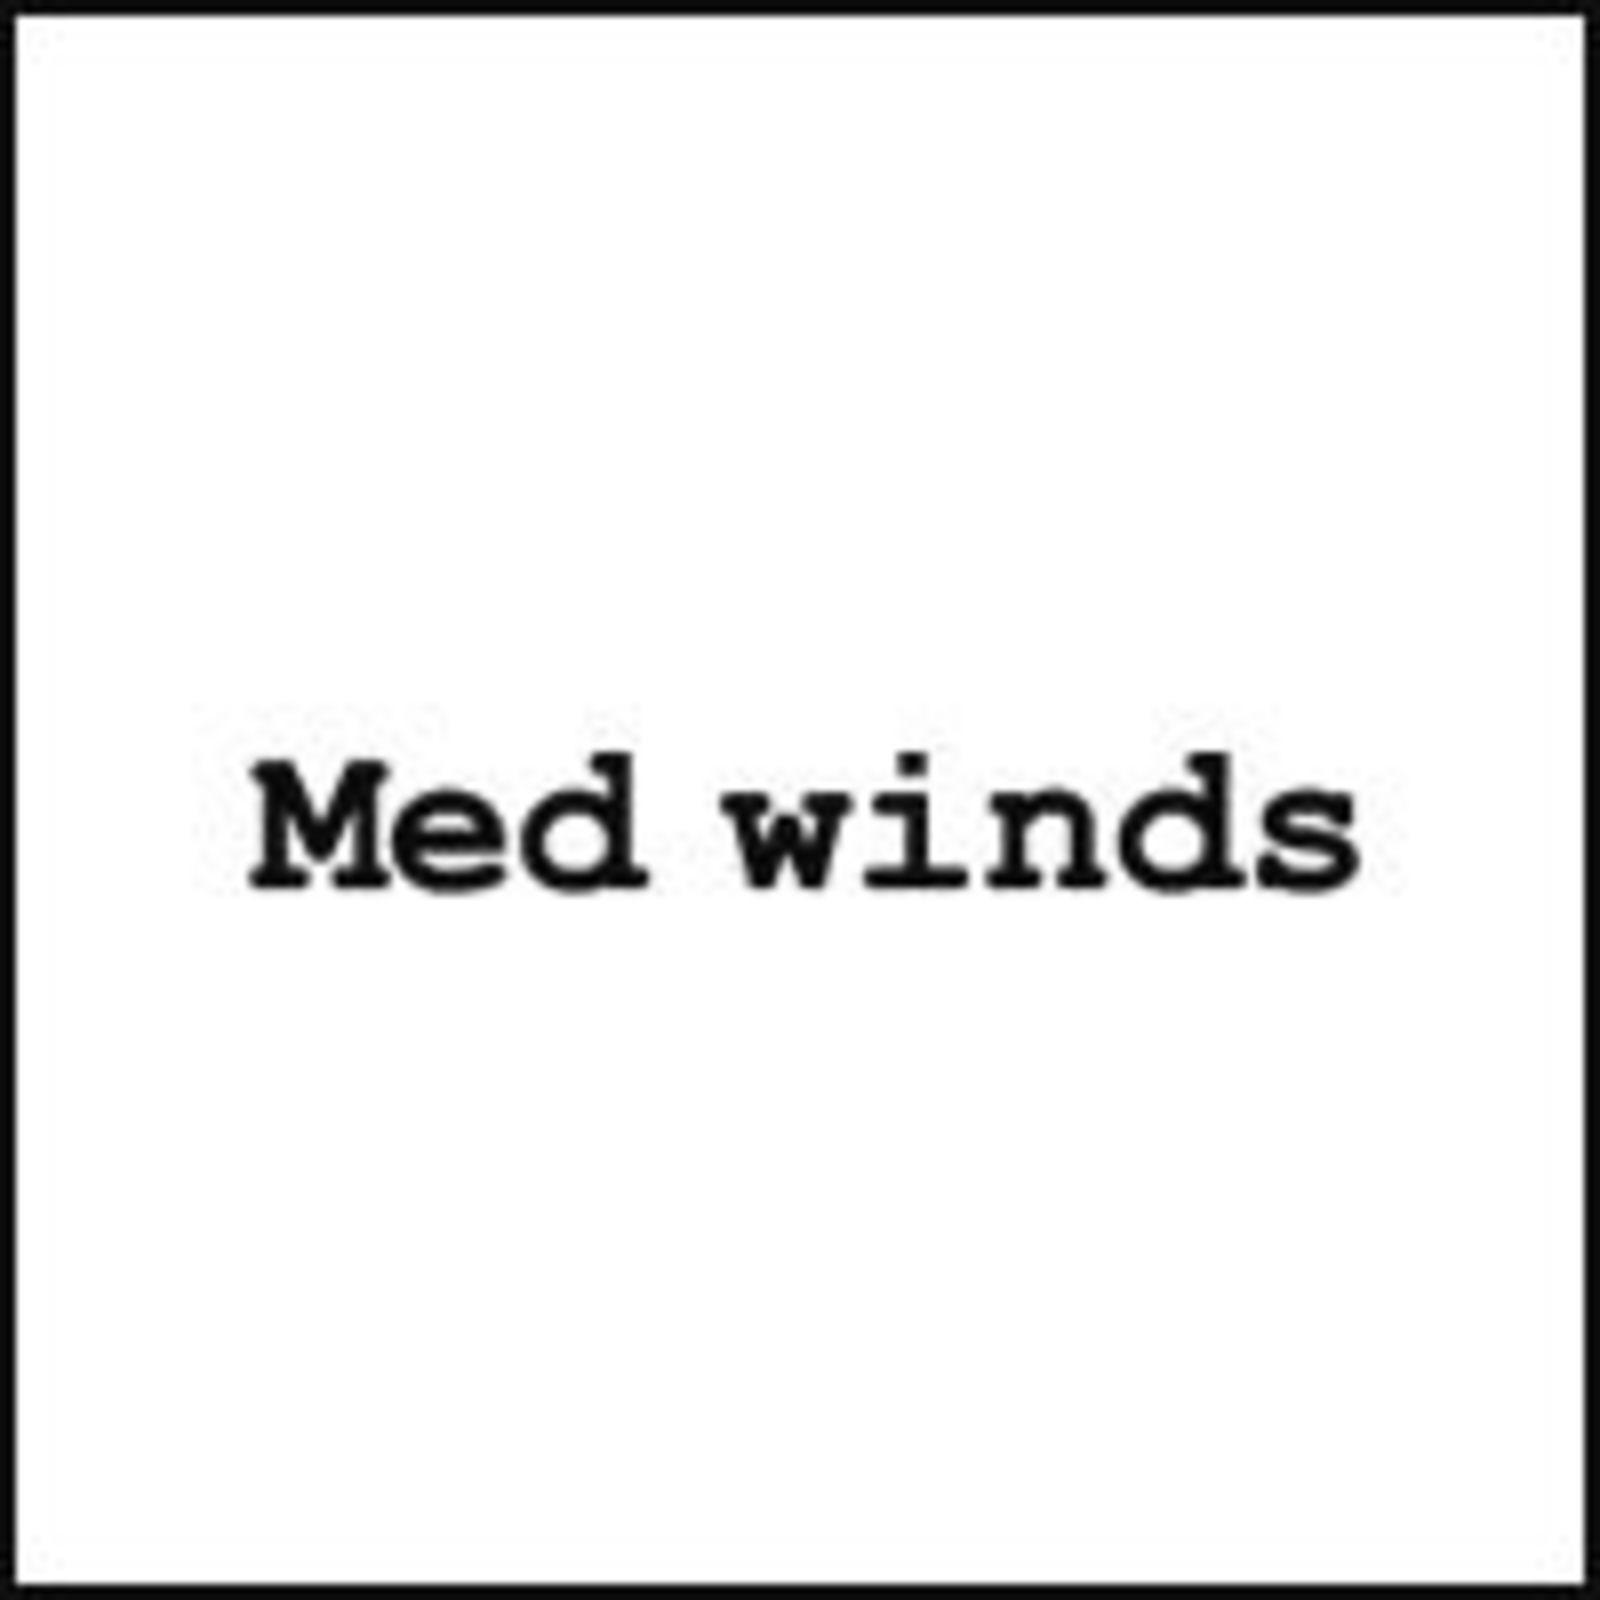 Med winds